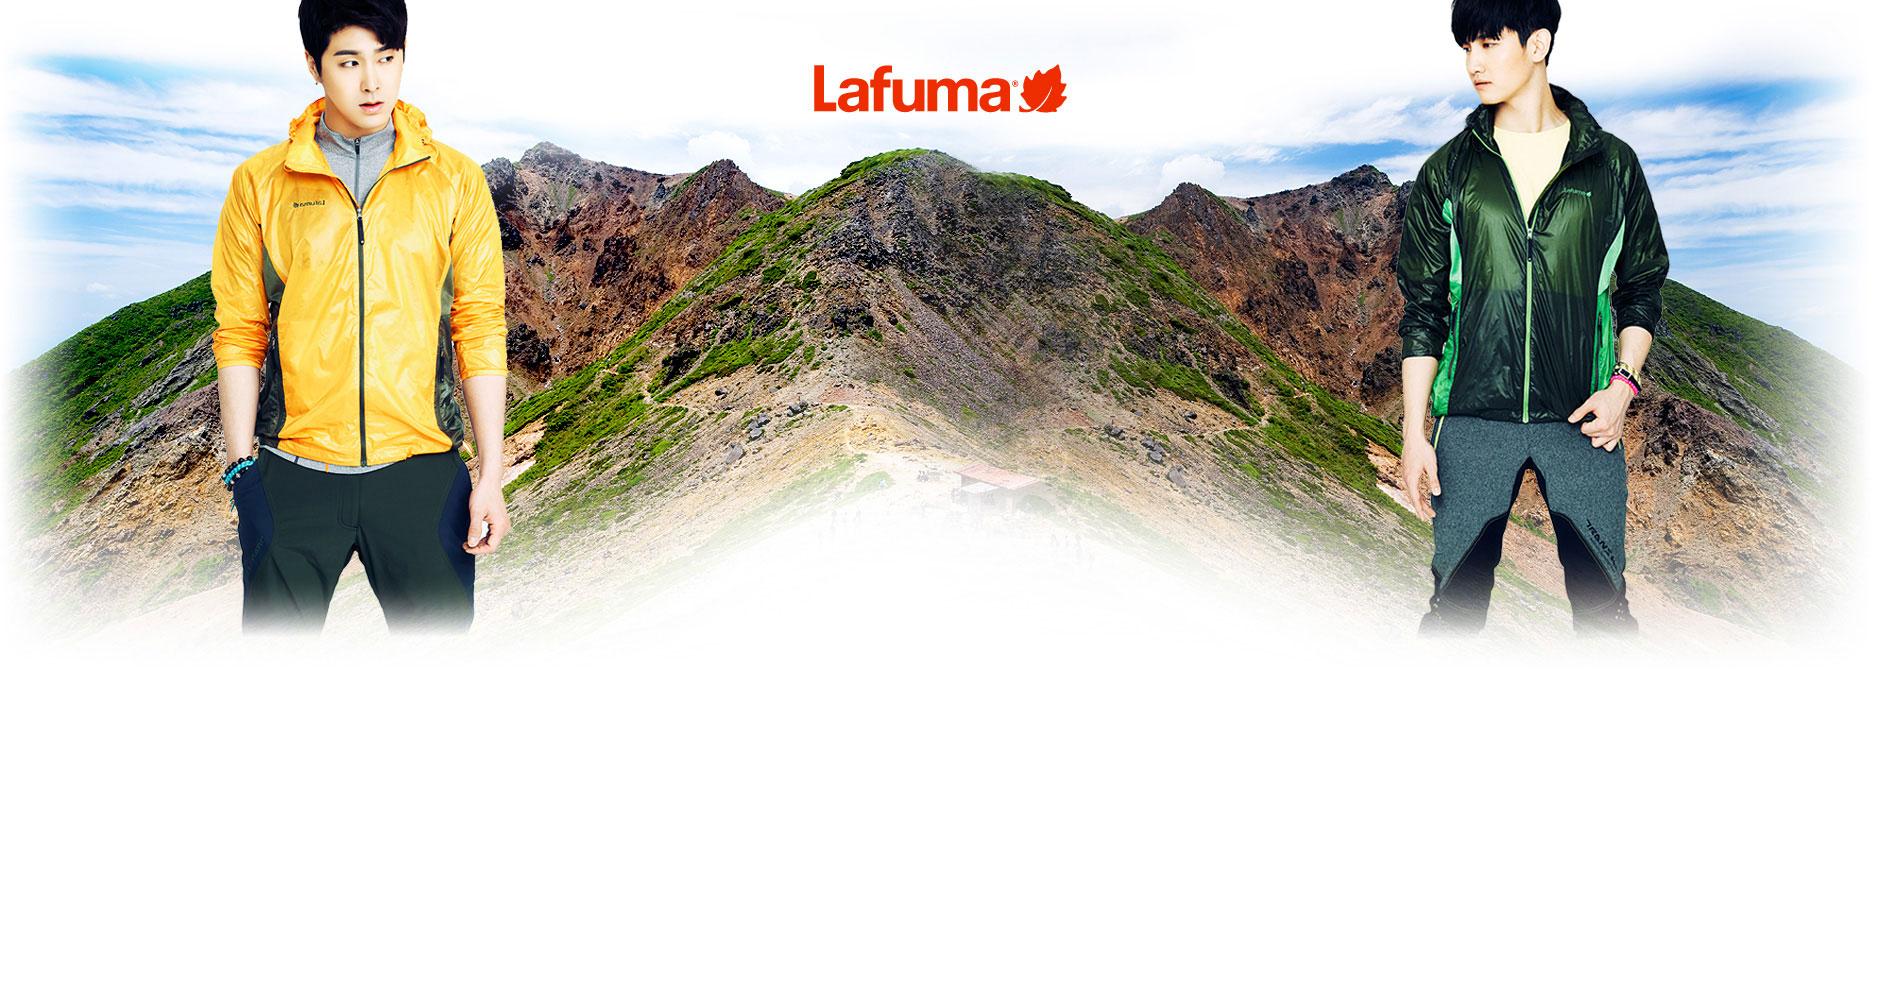 Lafuma 1